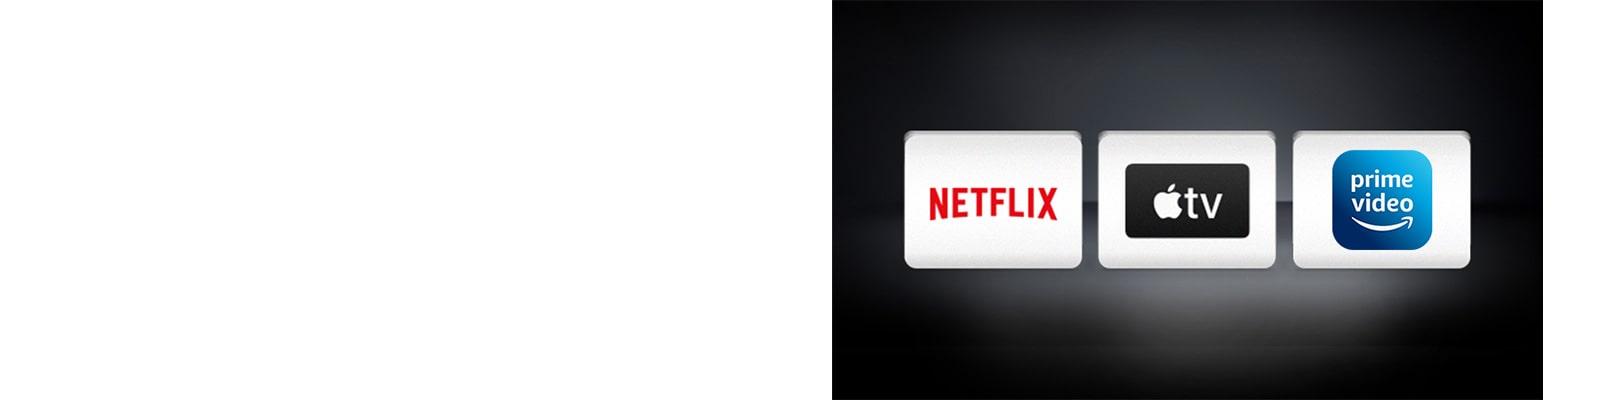 Logotip Apple TV in logotip Netflix sta vodoravno razporejena na črni podlagi.